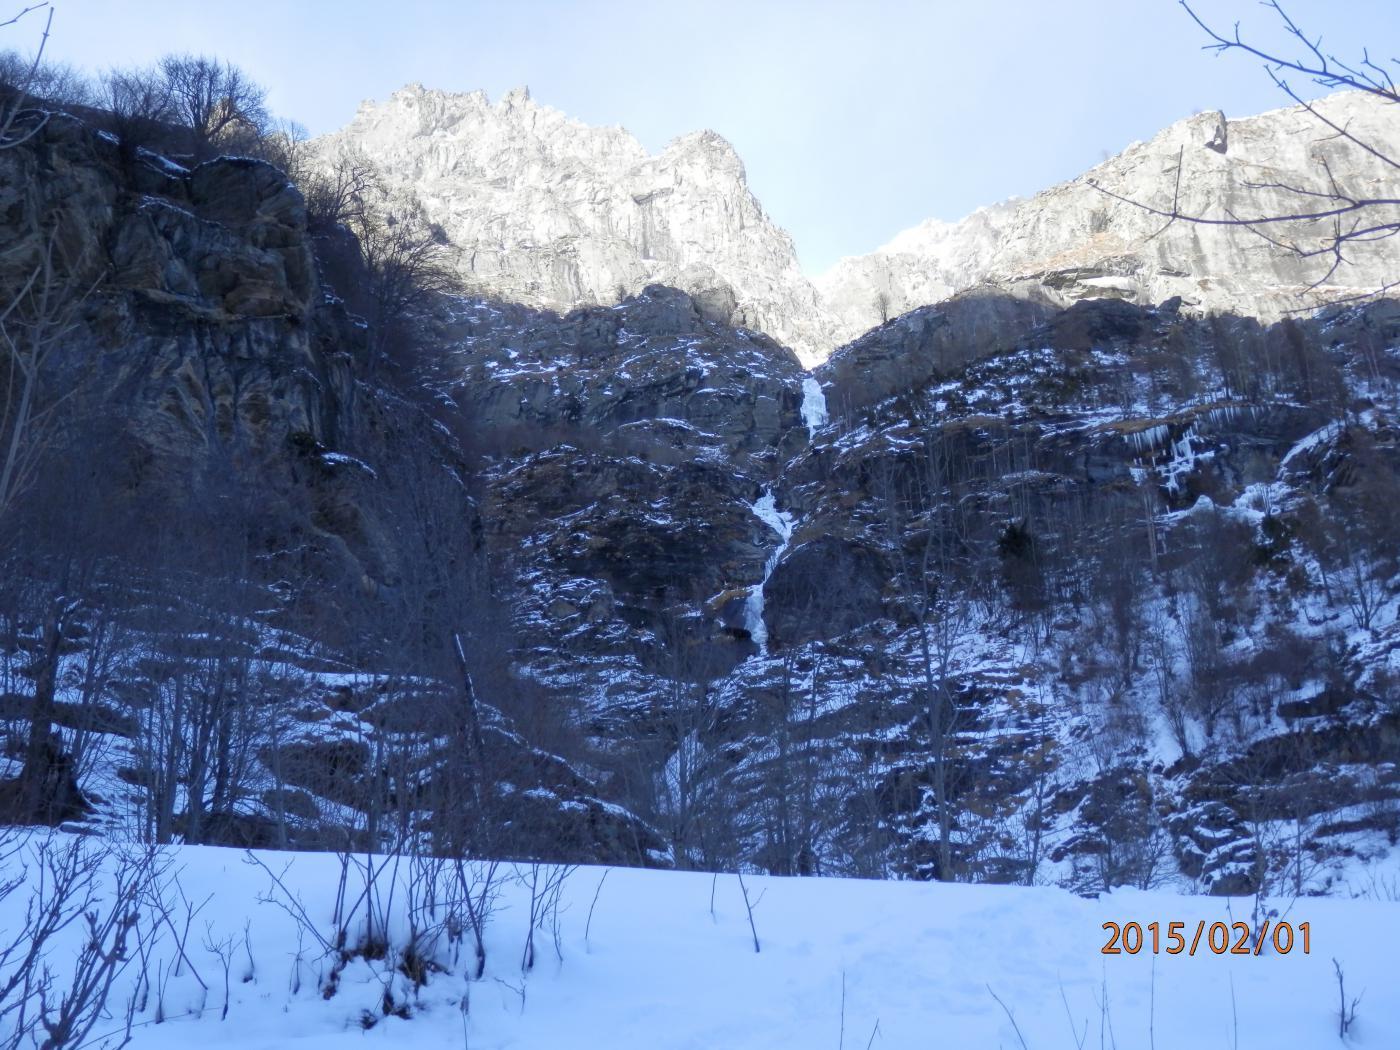 Salto delle Streghe (Cascata) - Vallone d'Arnas 2015-02-02